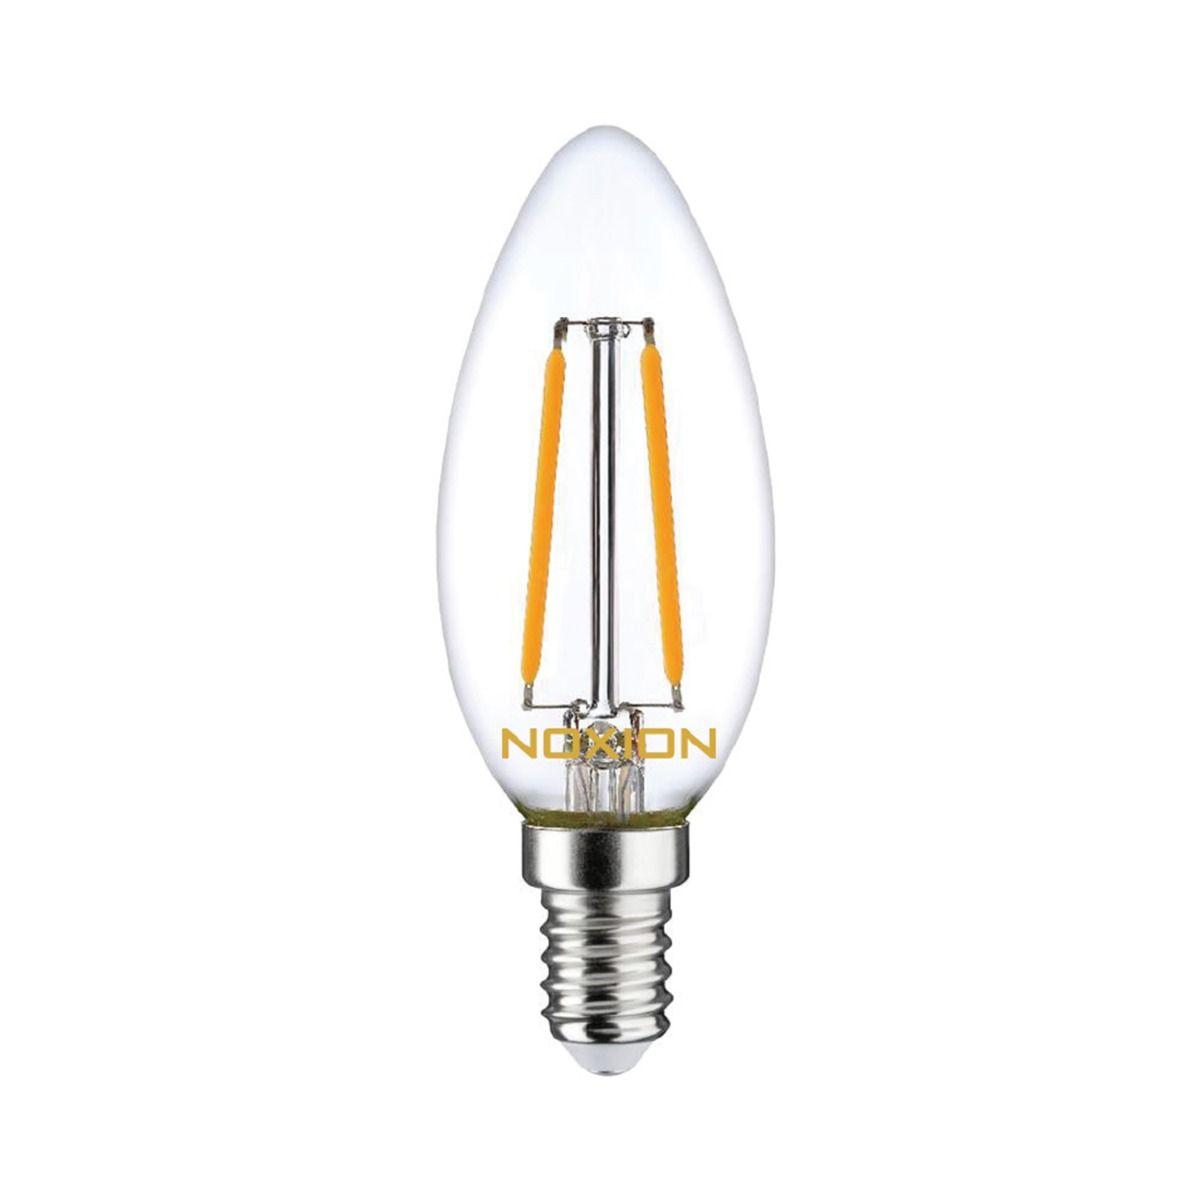 Noxion Lucent Gloeilamp LED Kaars B35 E14 2.5W 250lm 827   Dimbaar - Vervanger voor 25W